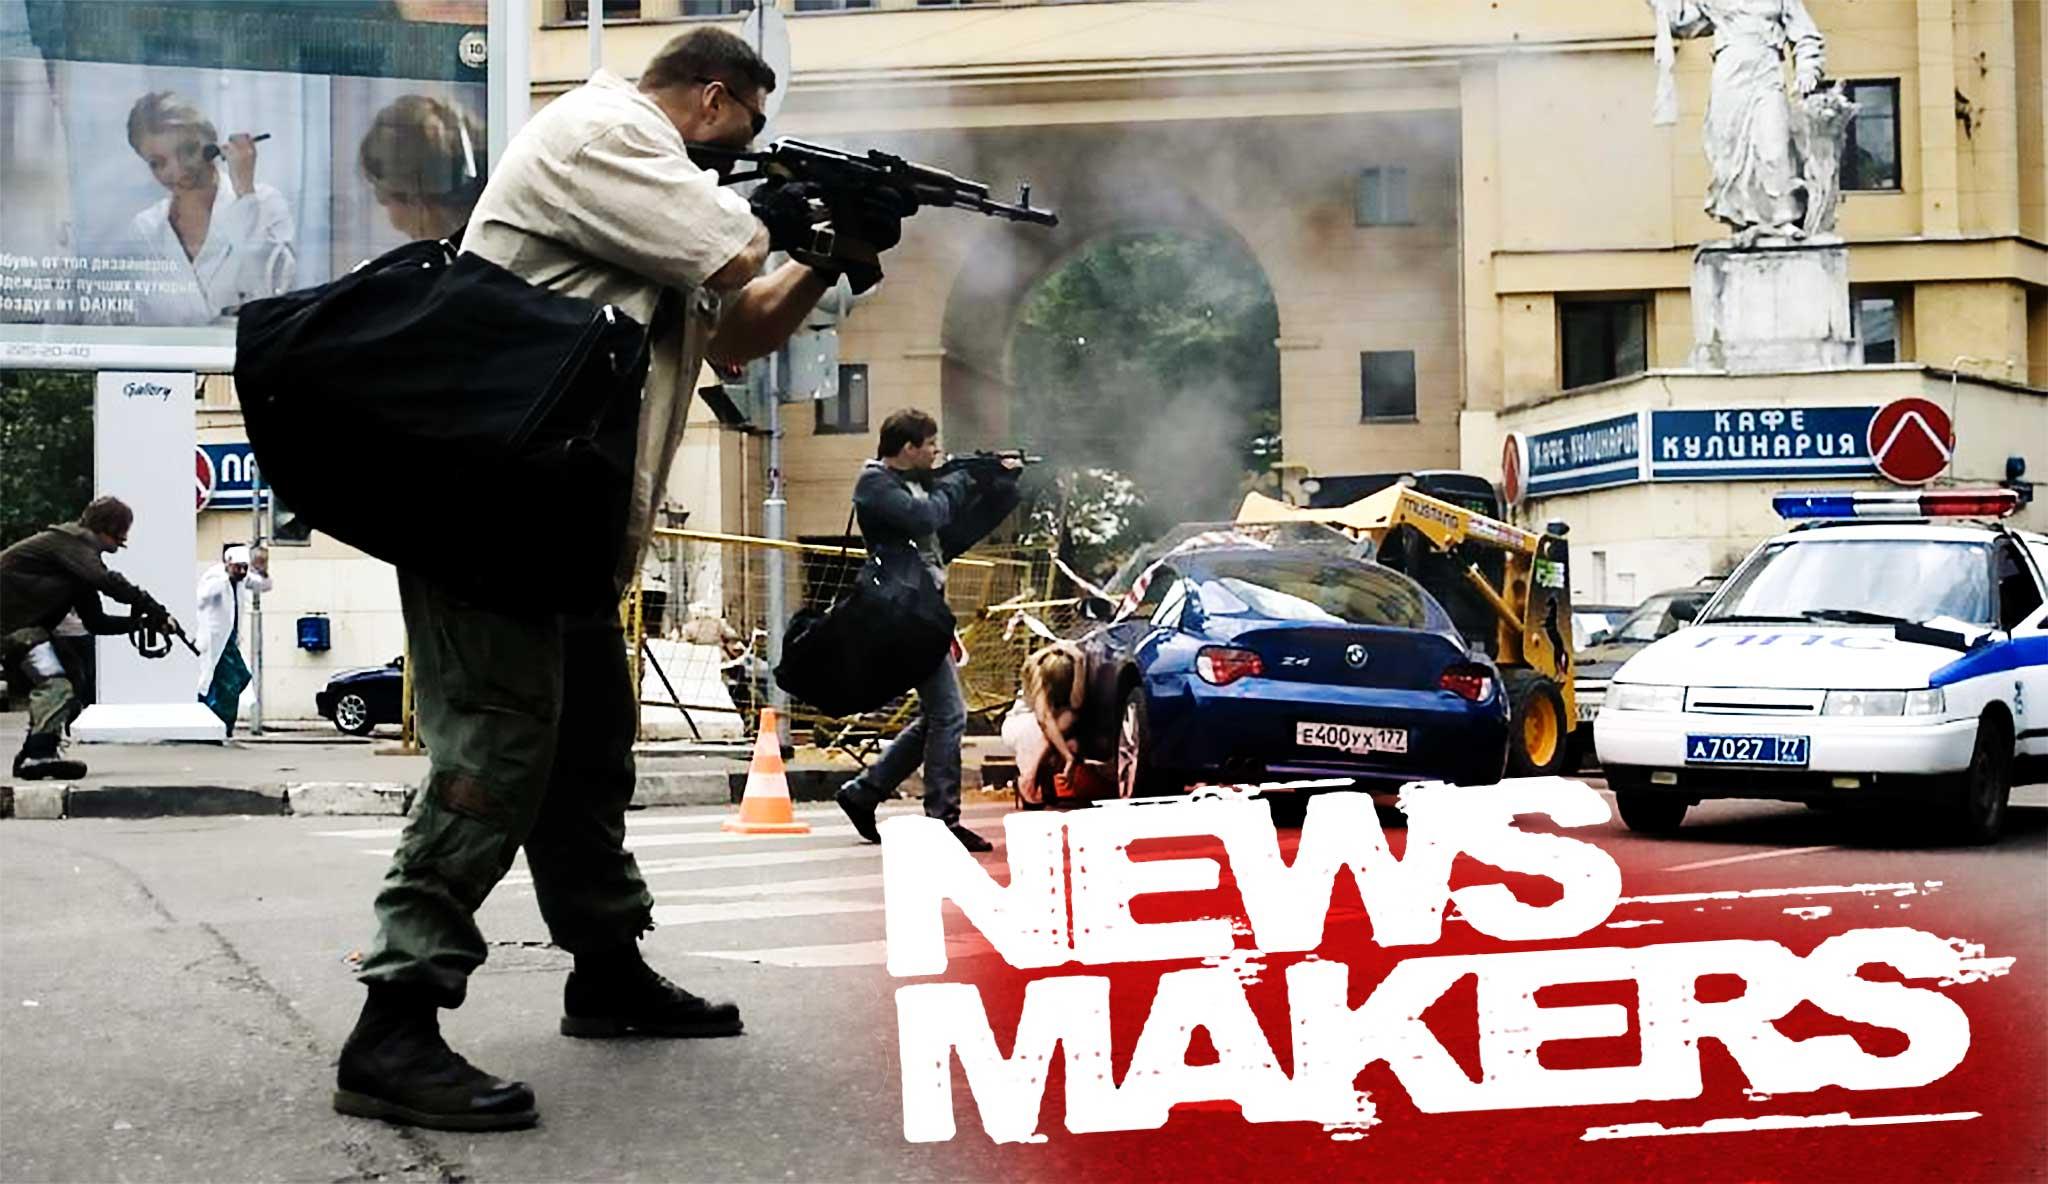 newsmakers-terror-hat-ein-neues-gesicht-2\header.jpg